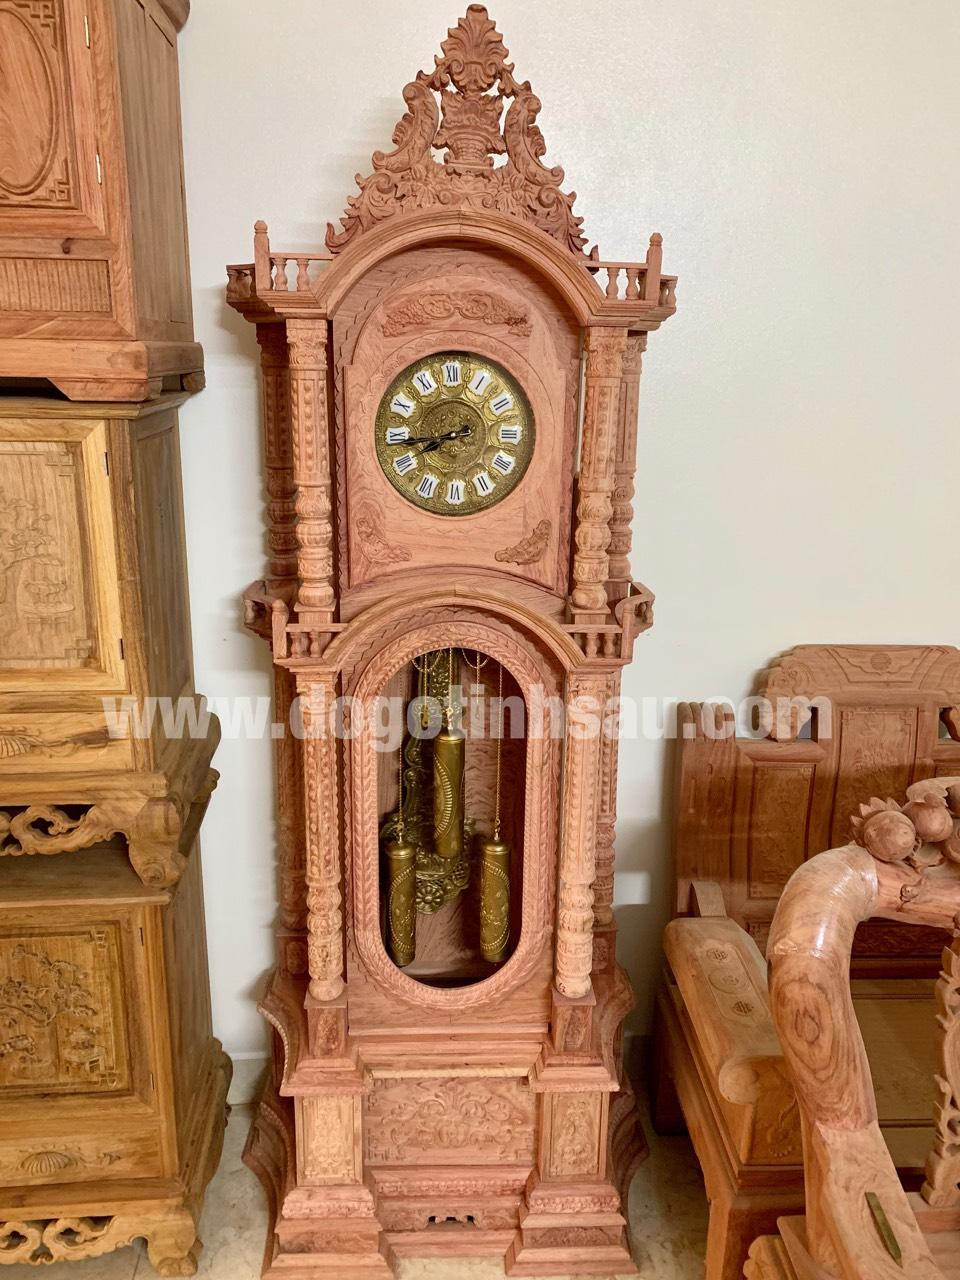 dong ho cay go huong da thap tu tru vat 1 - Đồng hồ cây gỗ hương đá mang lại sự thịnh vượng cho ngôi nhà của bạn